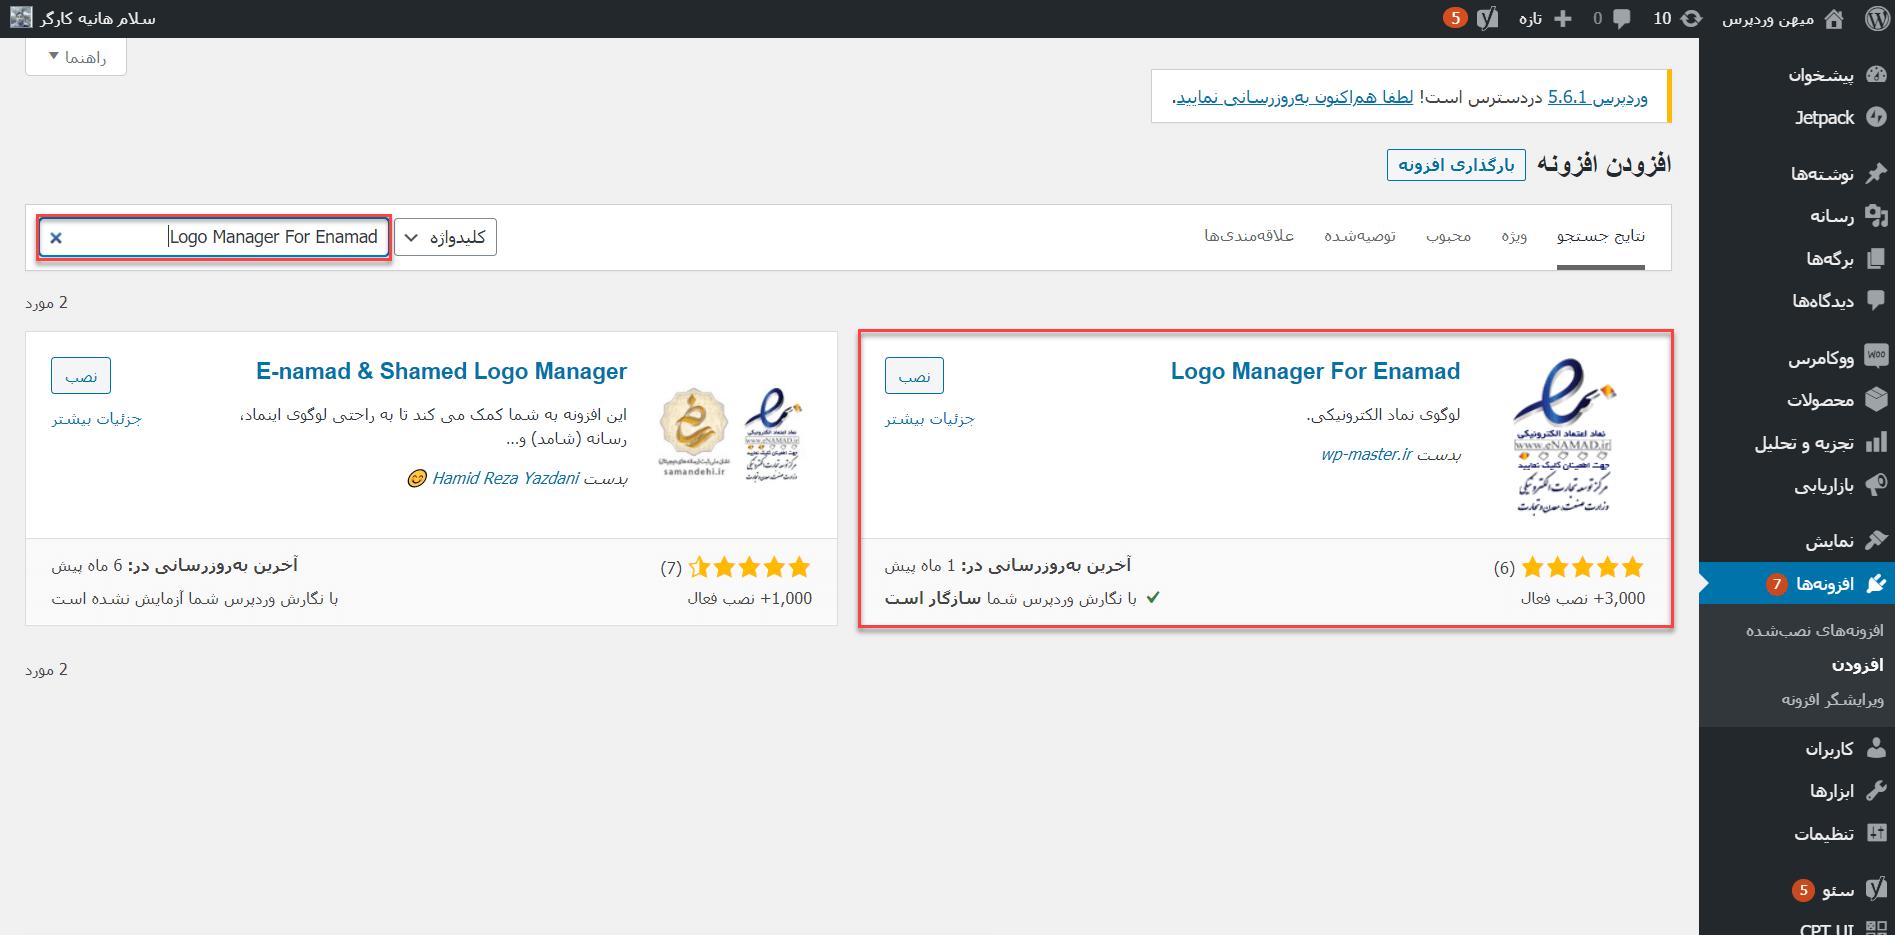 نصب افزونه Logo Manager For Enamad